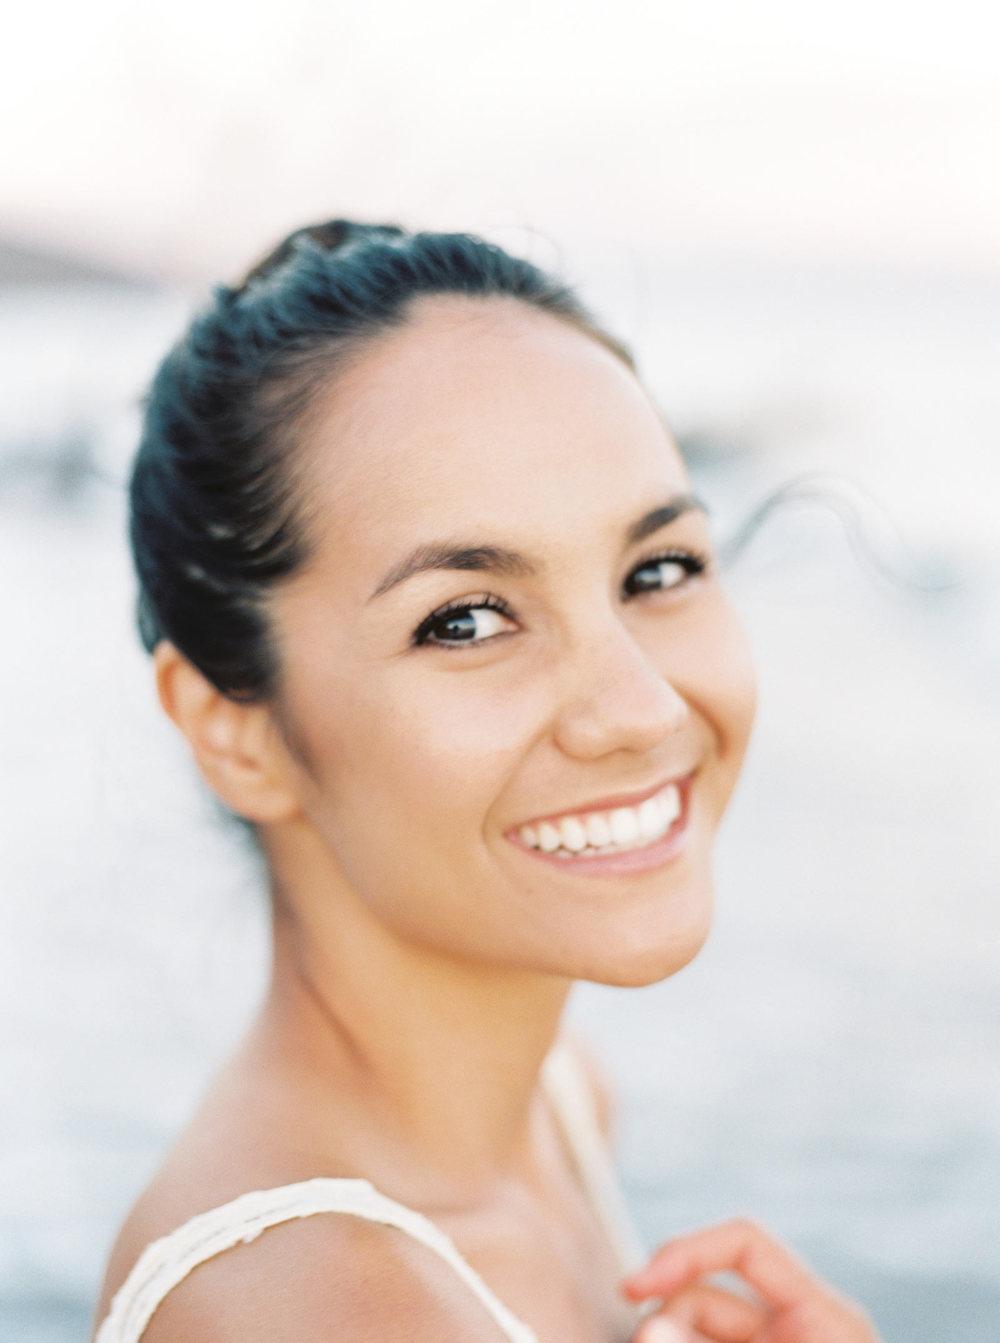 Maui-portrait-photos-011.jpg